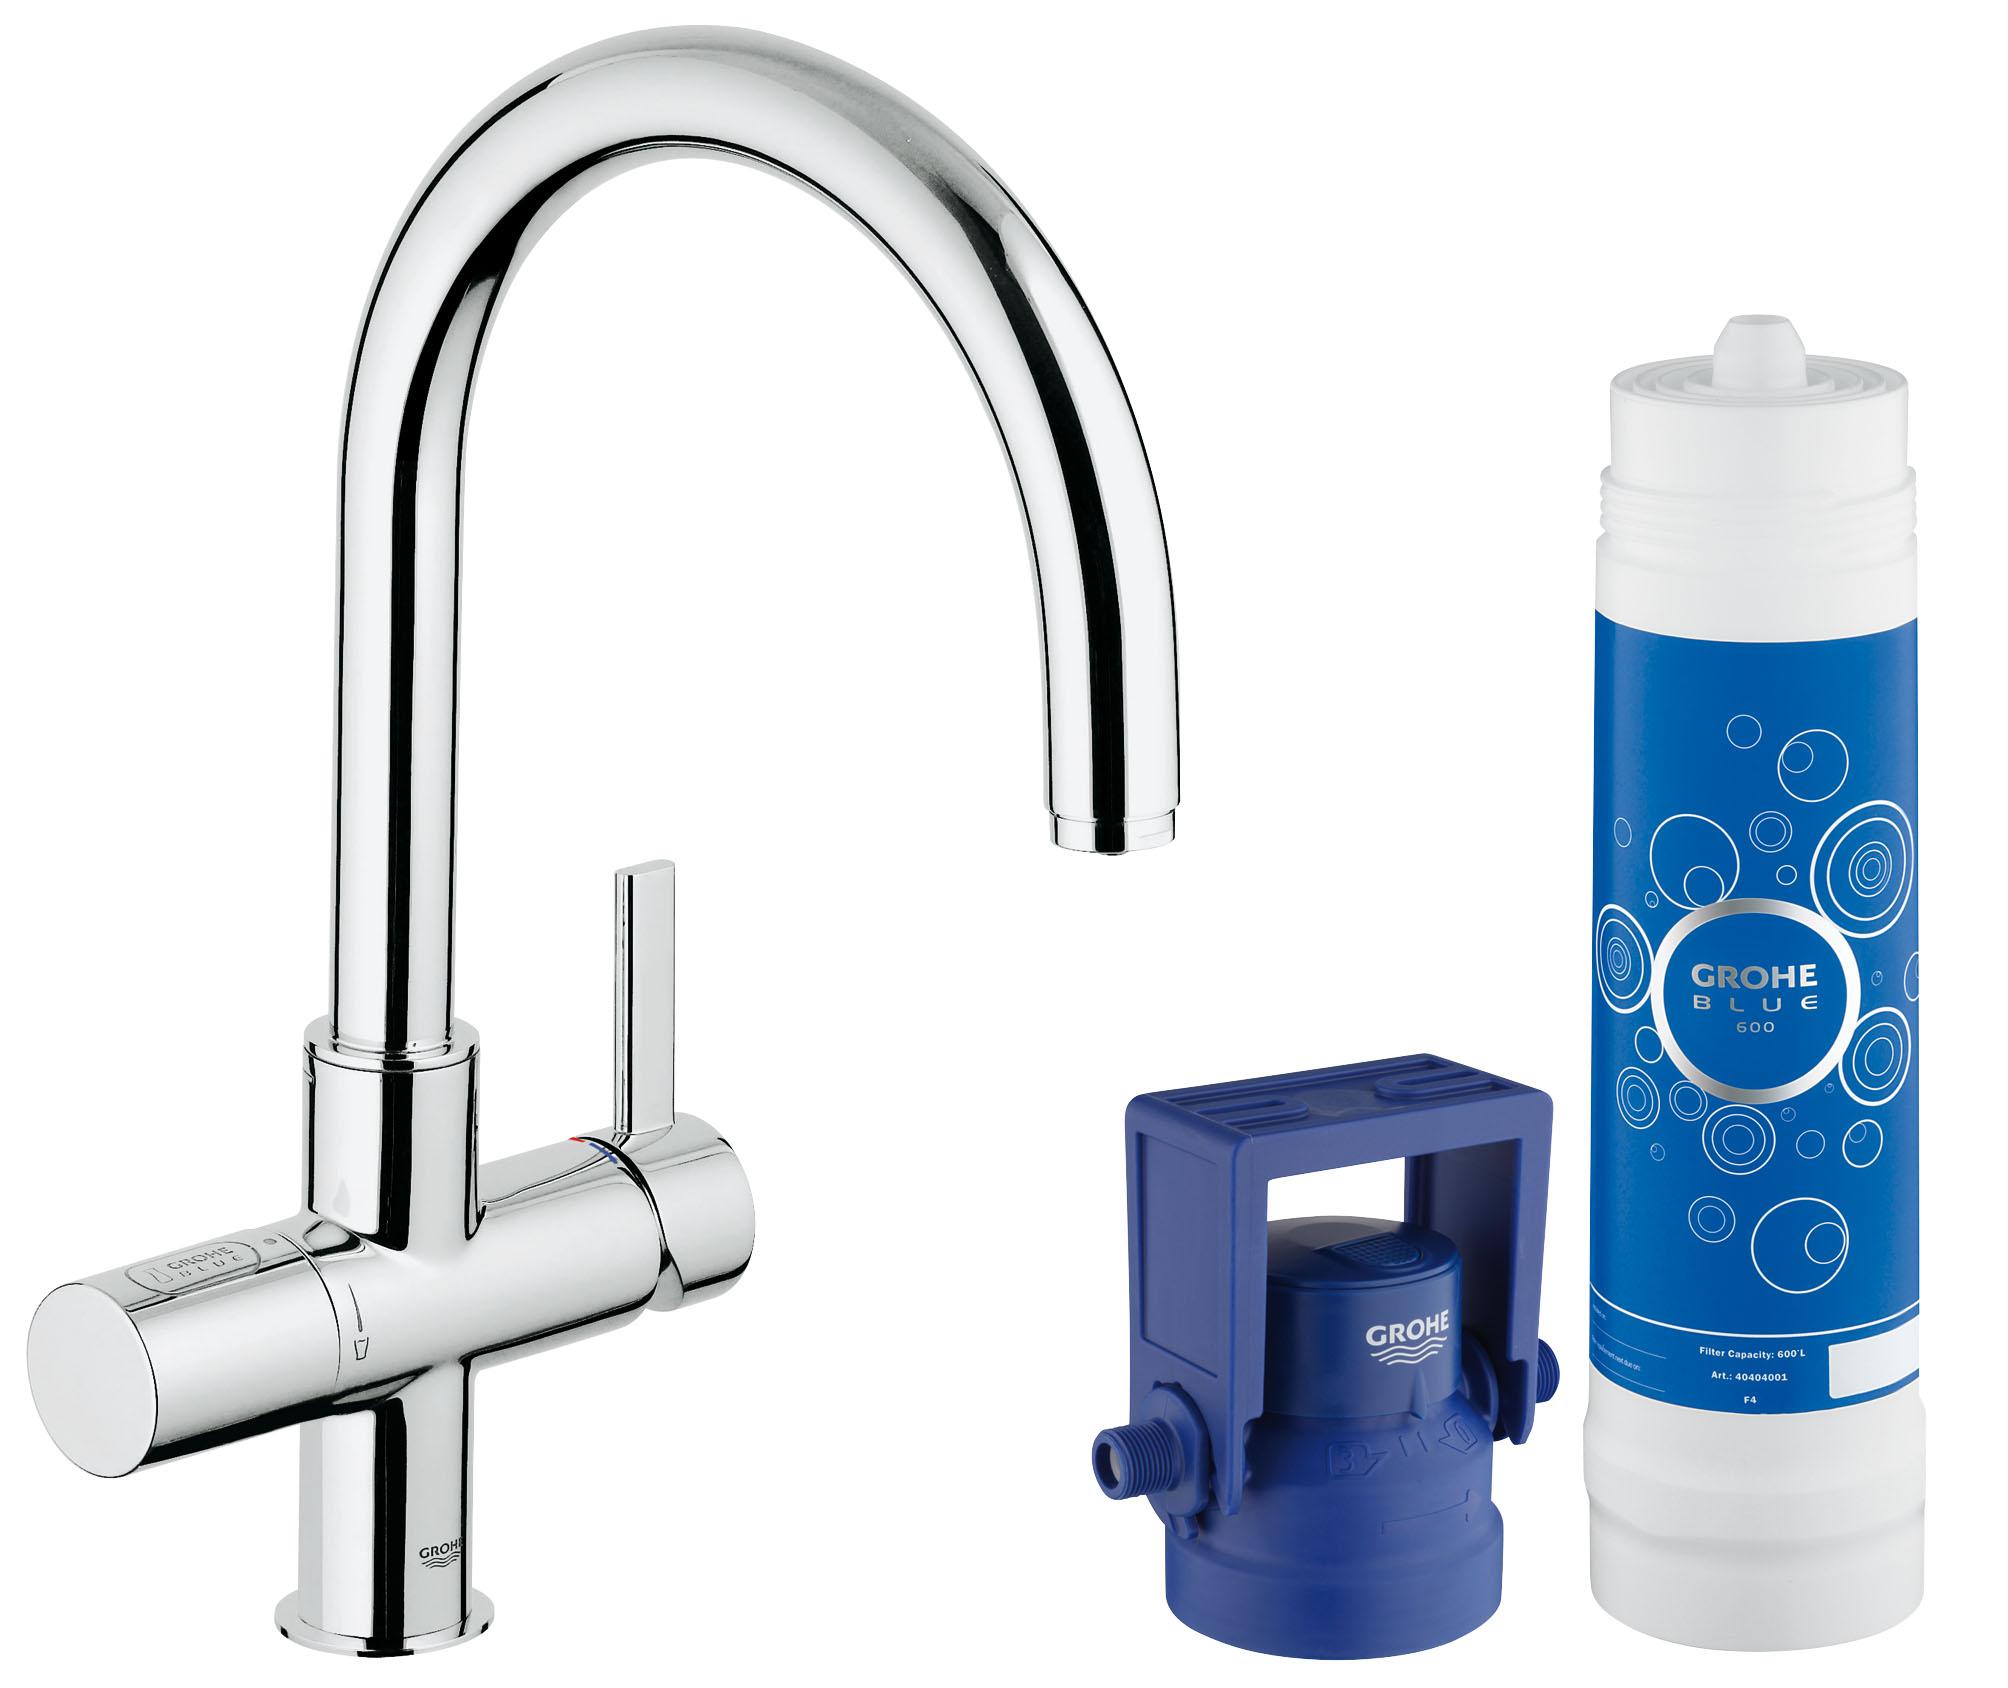 GROHE Blue Pure: система фильтрации воды, подающая свежую питьевую воду из-под крана Этот кухонный смеситель из серии GROHE Blue Pure превращает обычную водопроводную воду в чистую, свежую и пригодную для питья. Система фильтрации GROHE Blue Pure, которая активируется отдельным рычагом для подачи воды, очищает воду от нежелательных примесей, ухудшающих ее вкус и запах, включая хлор. Высокий излив, вращающийся в радиусе 180°, придает смесителю элегантный вид и позволяет с легкостью наполнять высокие графины очищенной питьевой водой прямо из-под крана. Технология GROHE SilkMove обеспечивает плавность регулировки напора воды при минимуме усилий. Разумеется, данный смеситель GROHE Pure Duo также выполняет все функции обычного кухонного смесителя. Благодаря хромированному покрытию GROHE StarLight, которое придает ему долговечность и износостойкость, этот сияющий смеситель всегда будет центром внимания в интерьере Вашей кухни. Особенности:  Включает в себя: GROHE Blue Смеситель однорычажный для мойки с функцией очистки водопроводной воды Монтаж на одно отверстие C-излив Отдельная рукоятка для фильтрованной воды Керамический вентиль 1/2? GROHE SilkMove керамический картридж 35 мм Регулировка расхода воды GROHE StarLight хромированная поверхность  Поворотный трубкообразный излив Поворот излива на 180° Отдельные водотоки для питьевой и  Водопроводной воды  Гибкая подводка Тип защиты IP 21 Одобрено в СE  Для LED индикатора расхода фильтра используется сетевое напряжение 100-240 В AC 50/60 Гц, которое преобразуется в безопасное сверхнизкое напряжение 6 В DC  Регулируется для фильтров на 600 л, 1500 л или 3000 л GROHE Blue фильтр на 600 л GROHE Blue регулируемая головка фильтра  Класс шума I по DIN 4109